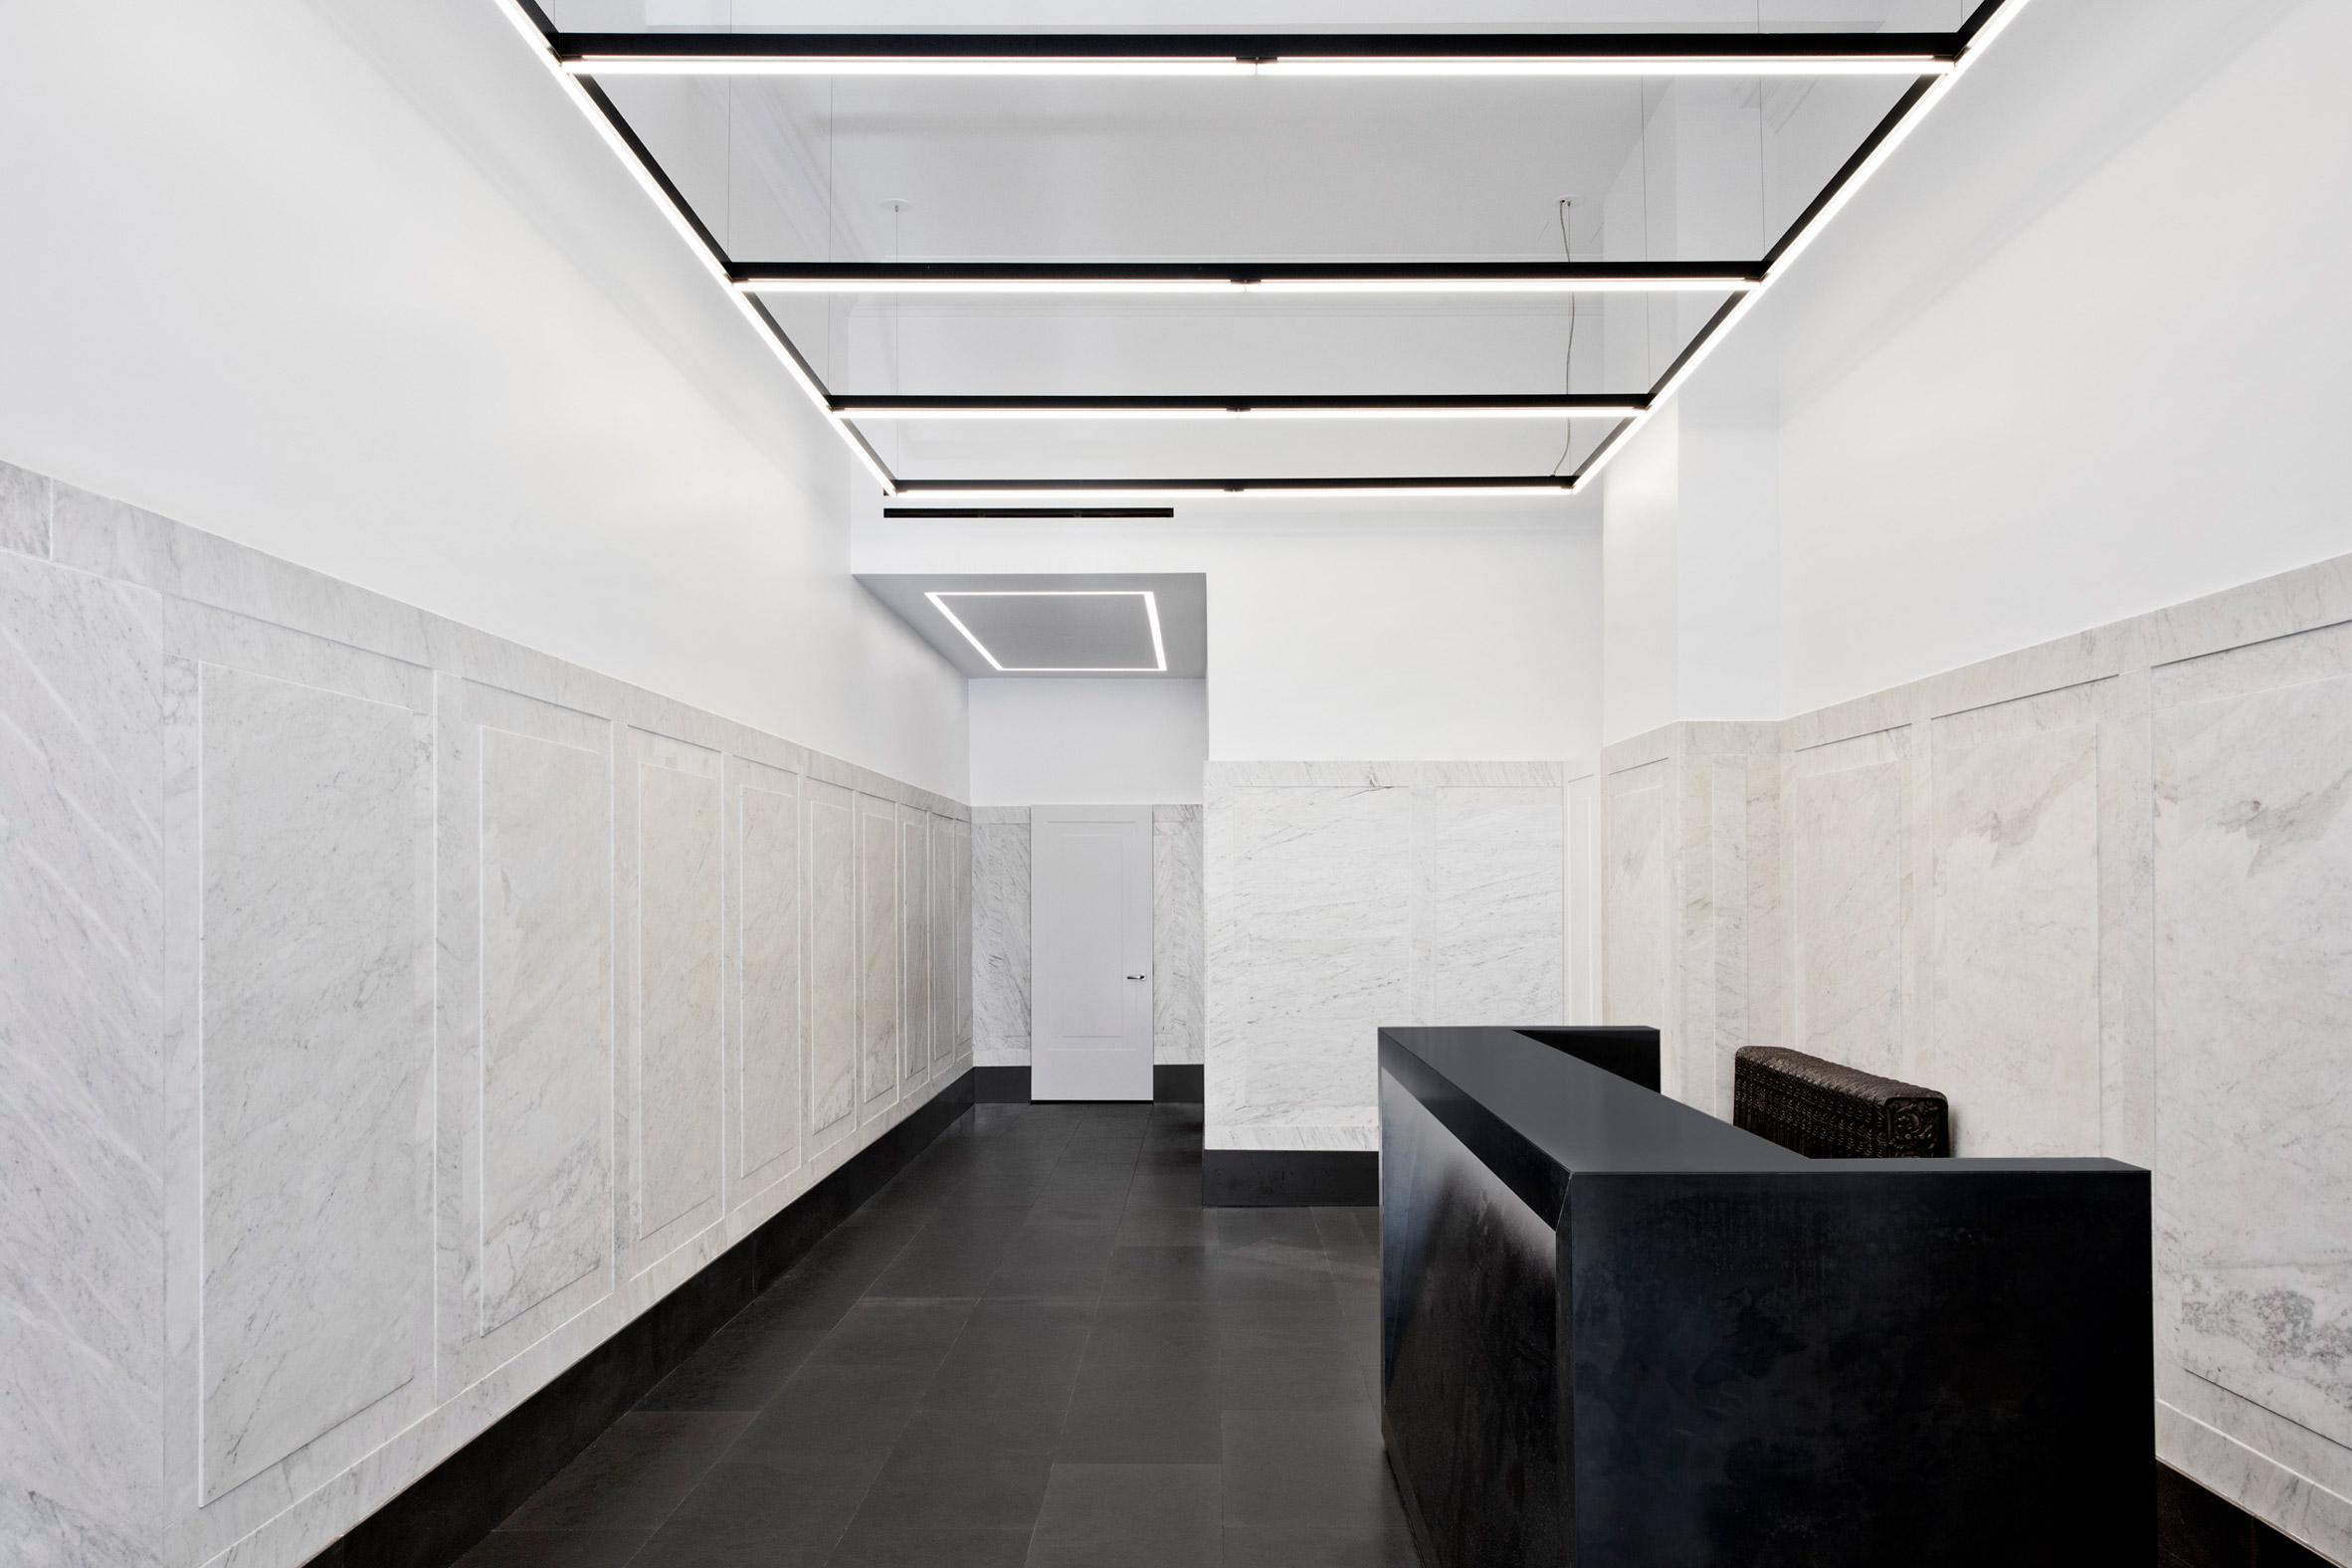 Thiết kế văn phòng hiện đại 5